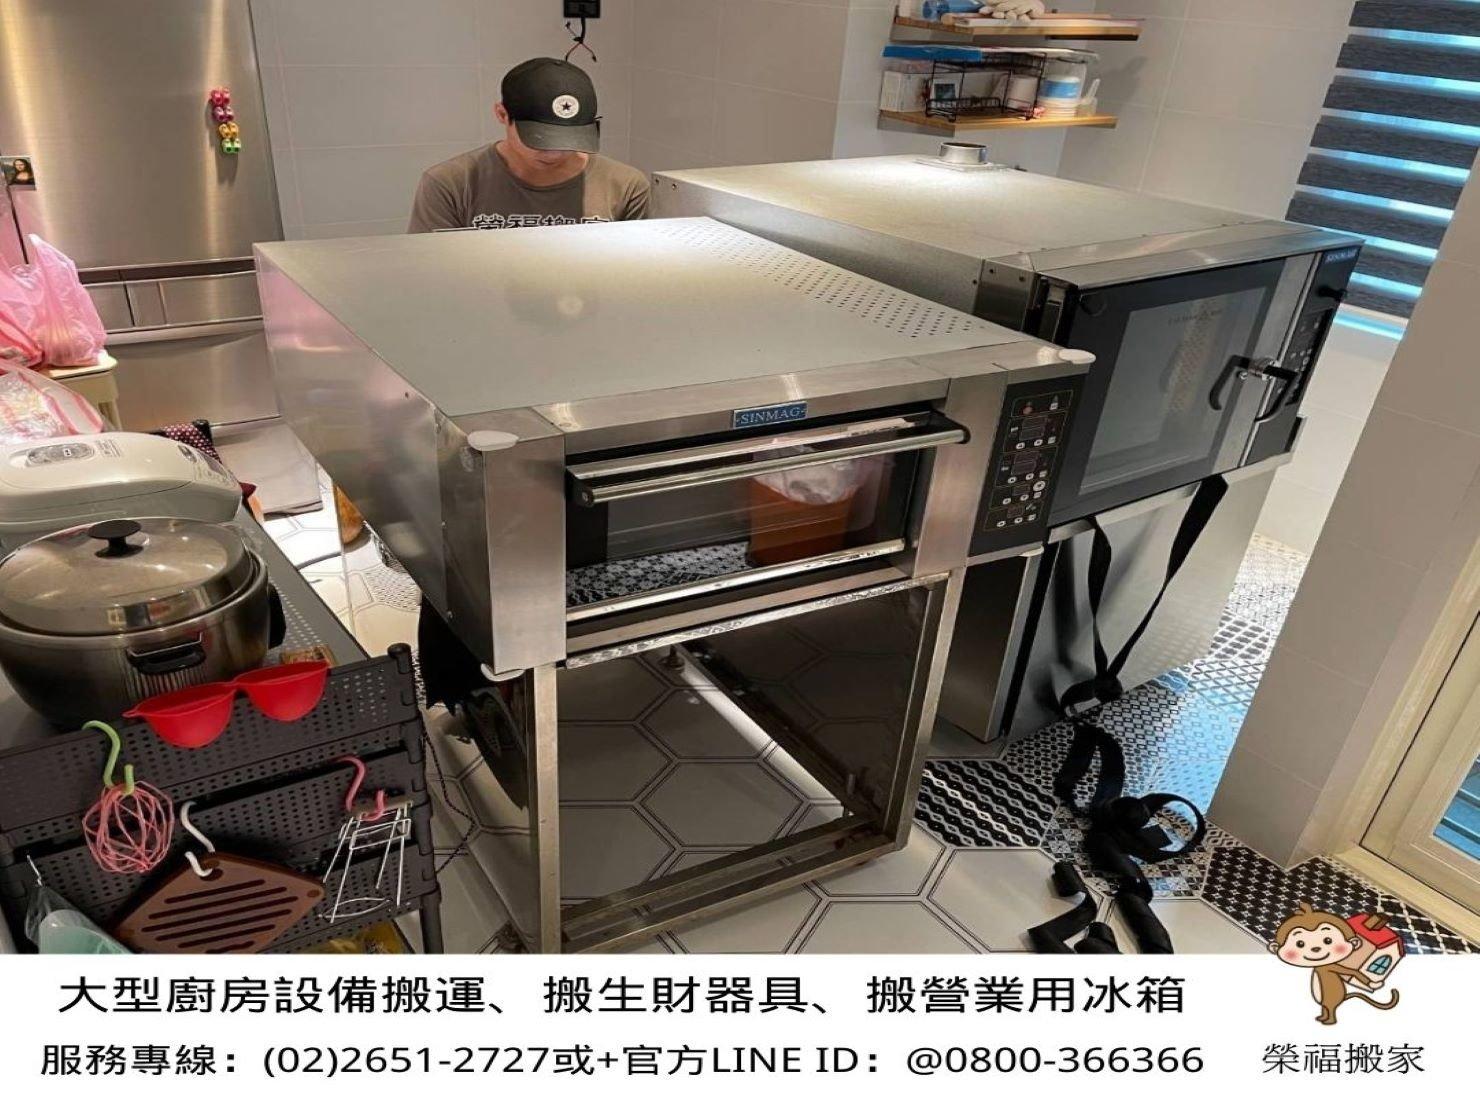 【店面搬遷】搬大型廚房設備,需拆裝大型烤箱就交給專業的榮福搬家,讓您安心託付。